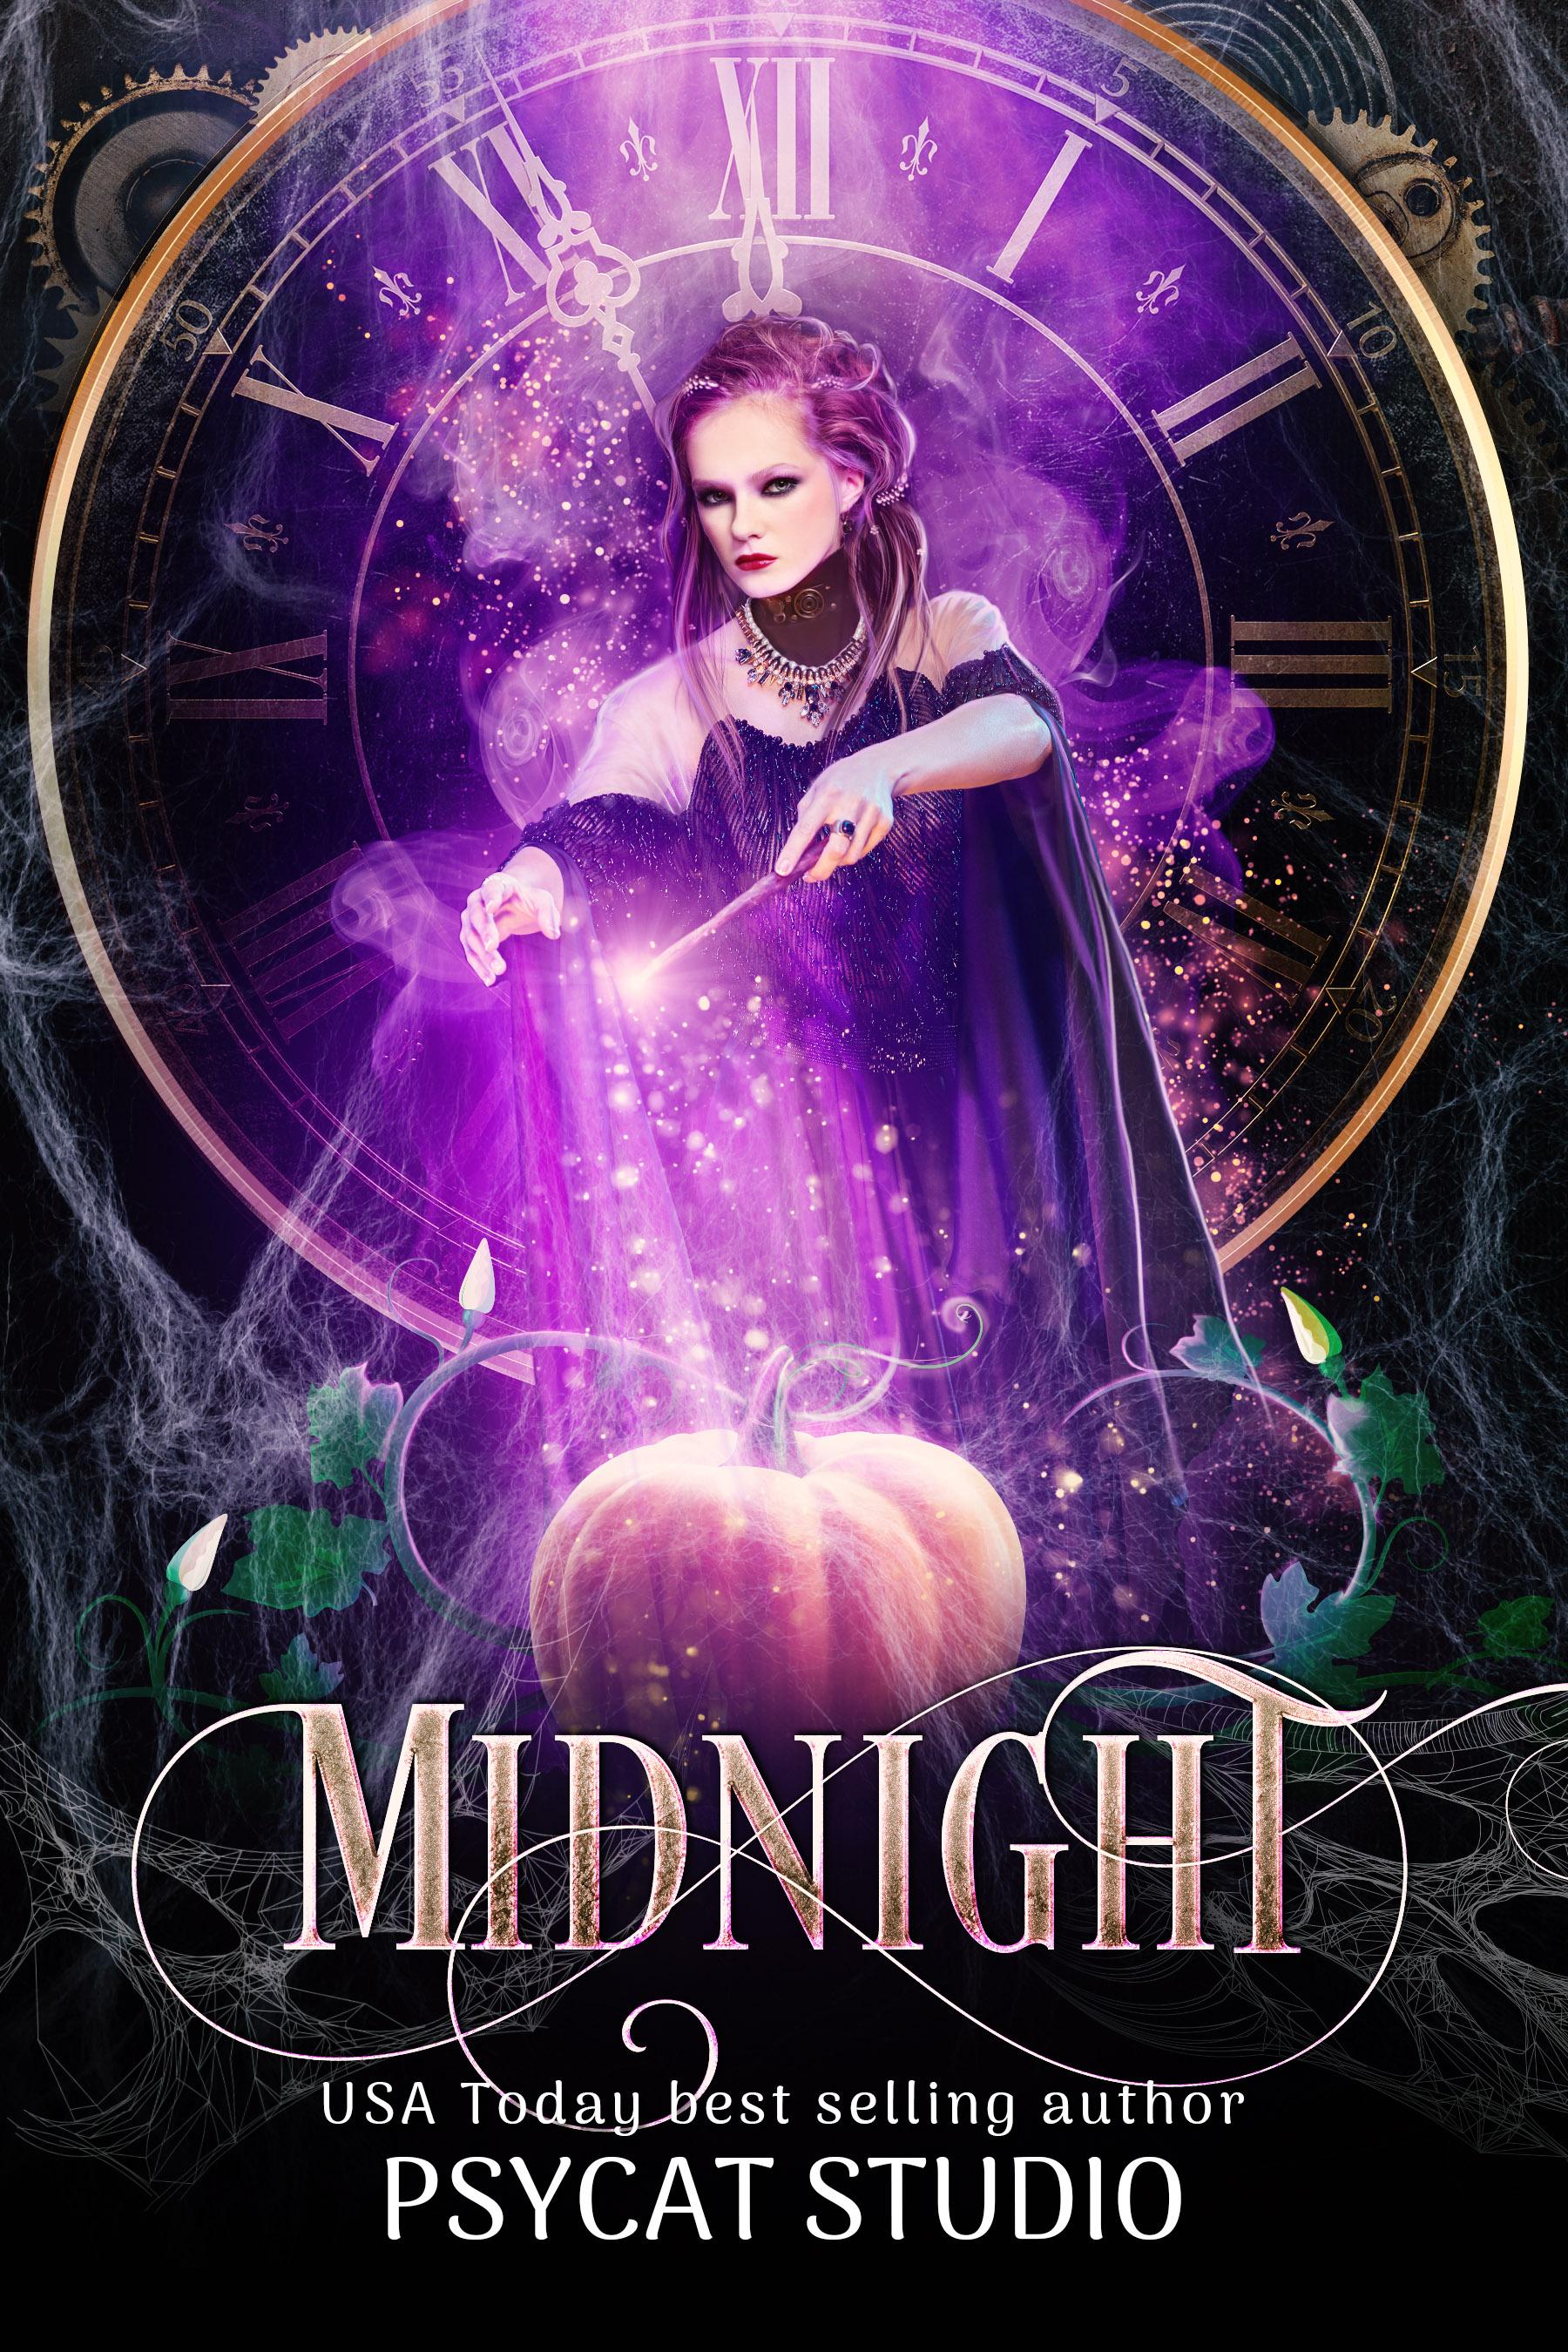 1009_Midnight_s01_v01